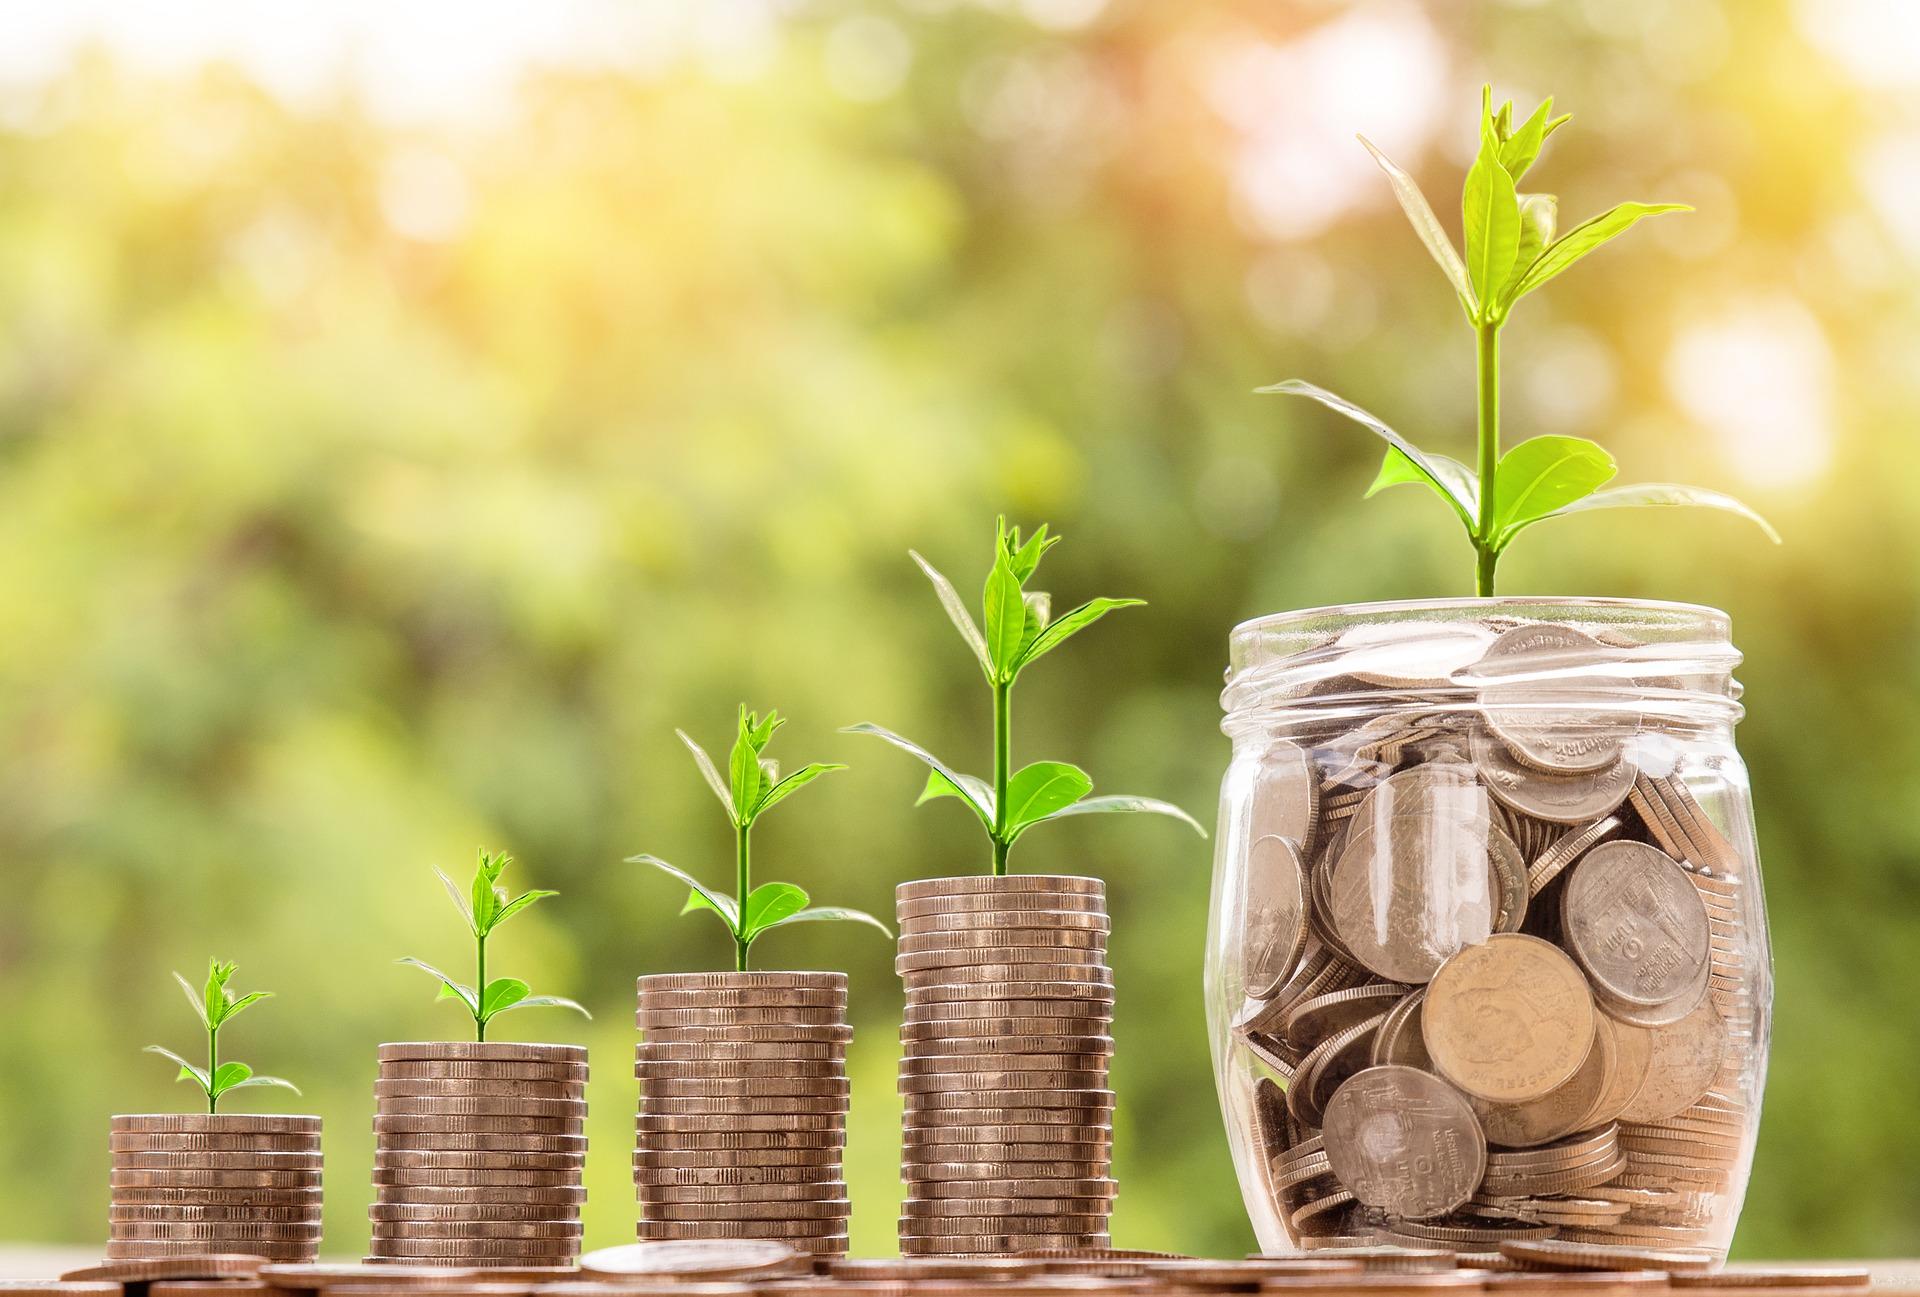 Investeeri maasse | ostan maad | metsa investeering | põllumaa investeering | turvaline investeering | kuhu investeerida |